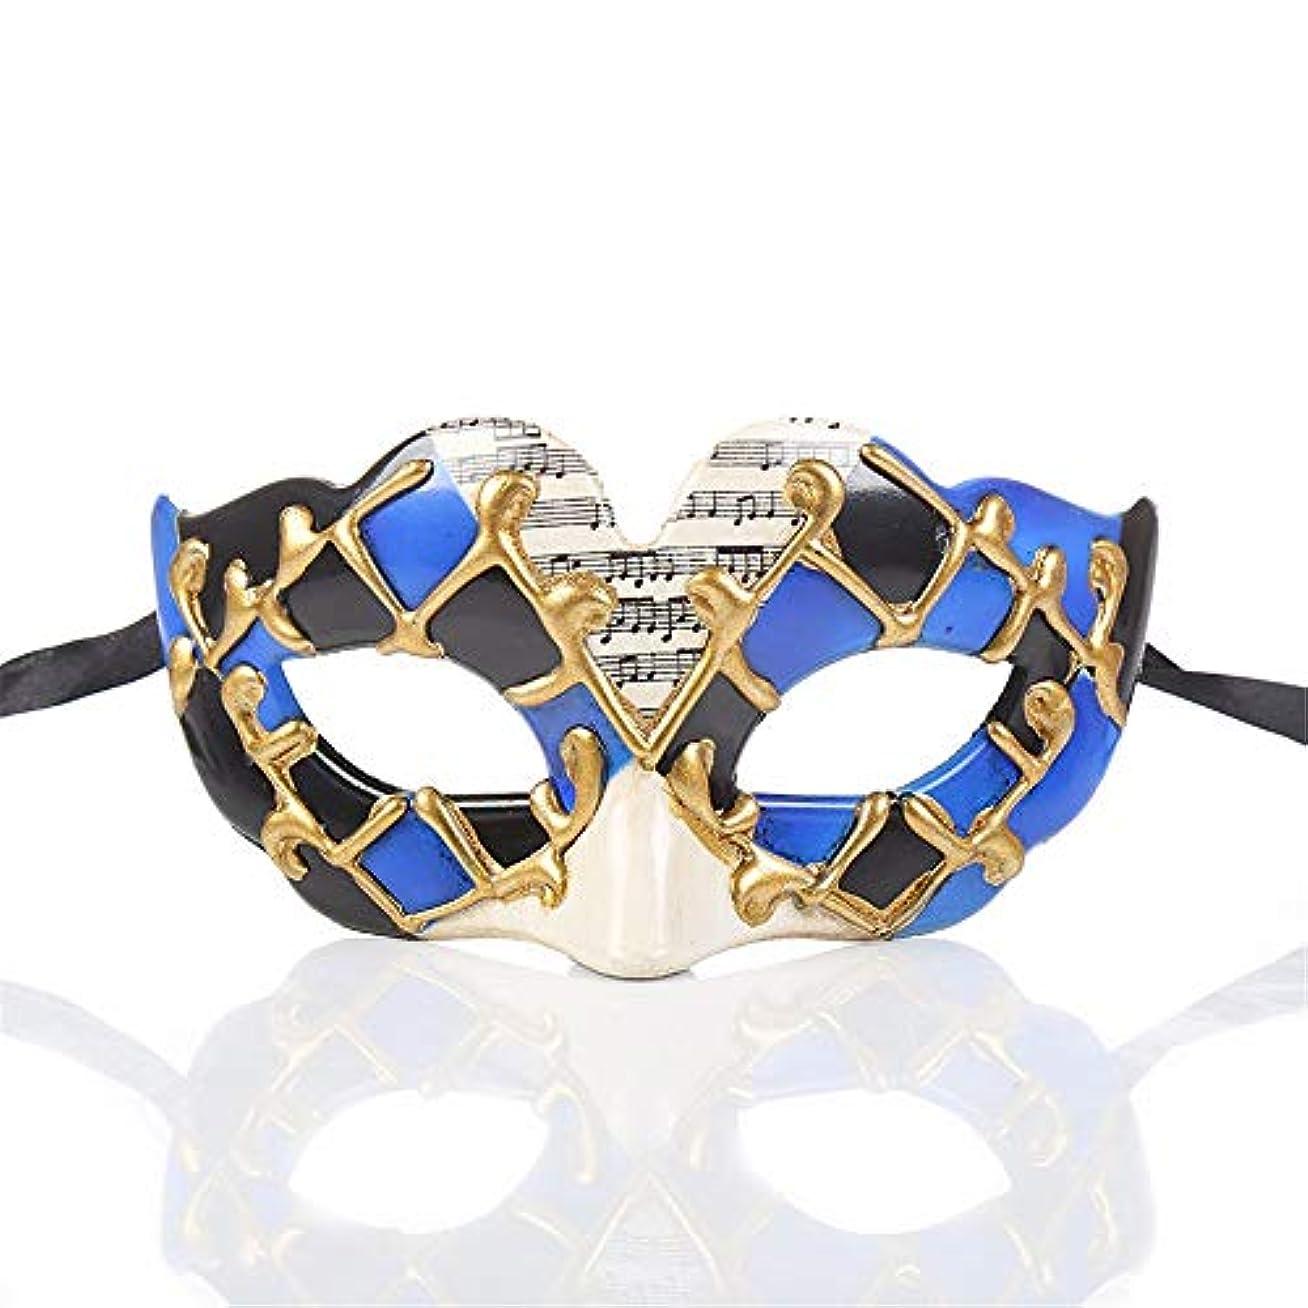 隣接効率ペチコートダンスマスク パーティーCospalyマスクハロウィーンマスカレードデコレーションマスクフェスティバルプラスチックマスク ホリデーパーティー用品 (色 : 青, サイズ : 14.5x7.5cm)